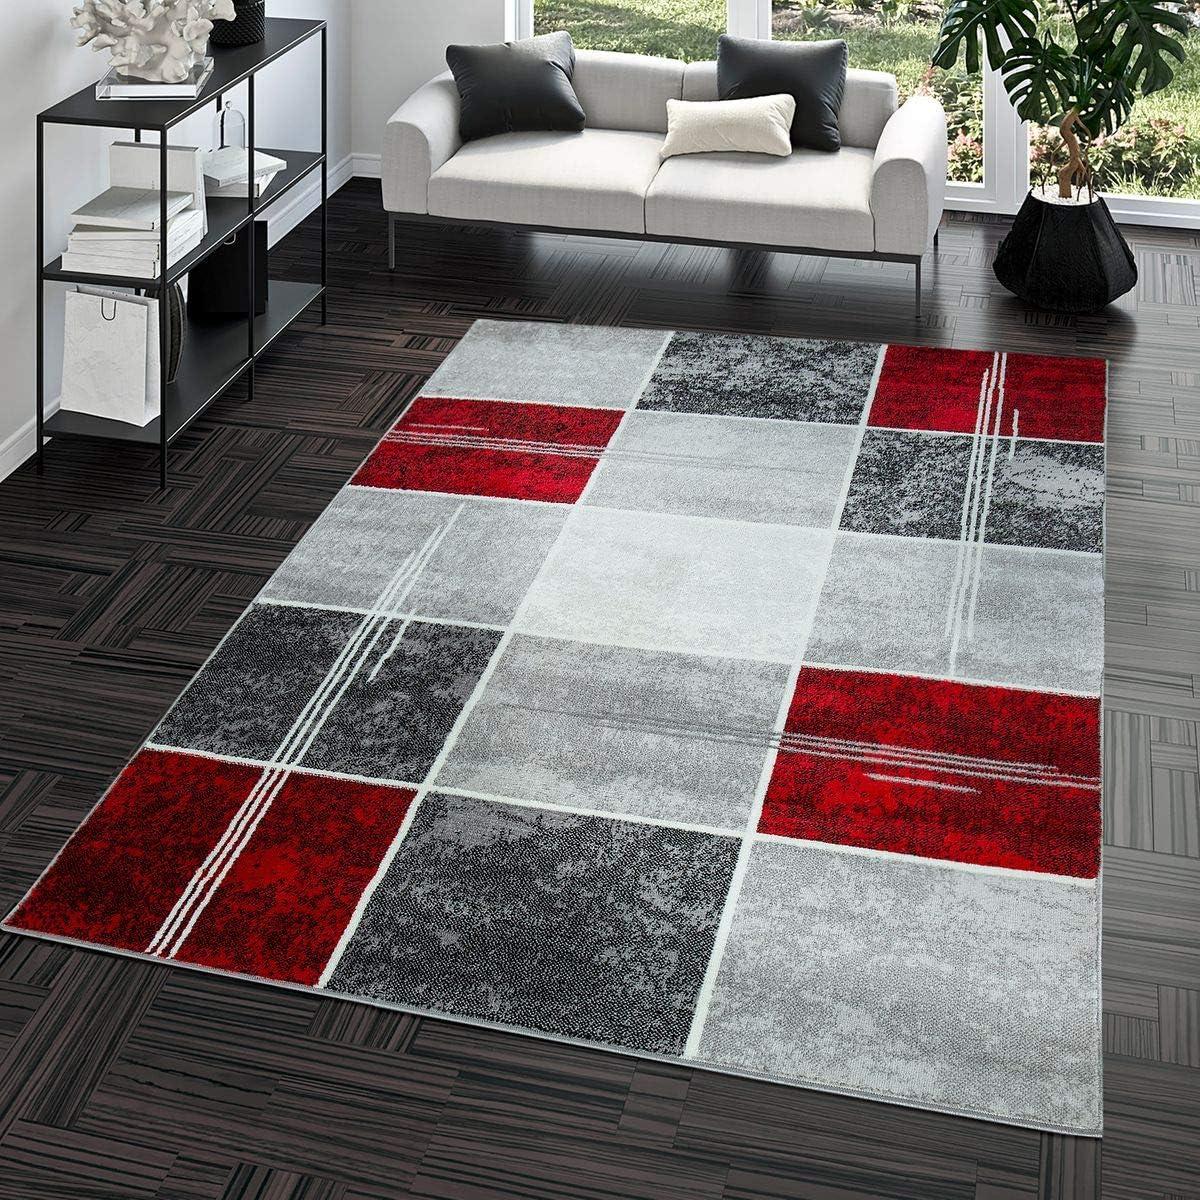 Dimension:160x220 cm T/&T Design Tapis Carreau Rouge Noir Gris Vert Rose Chin/é Moderne Salon Chambre denfant